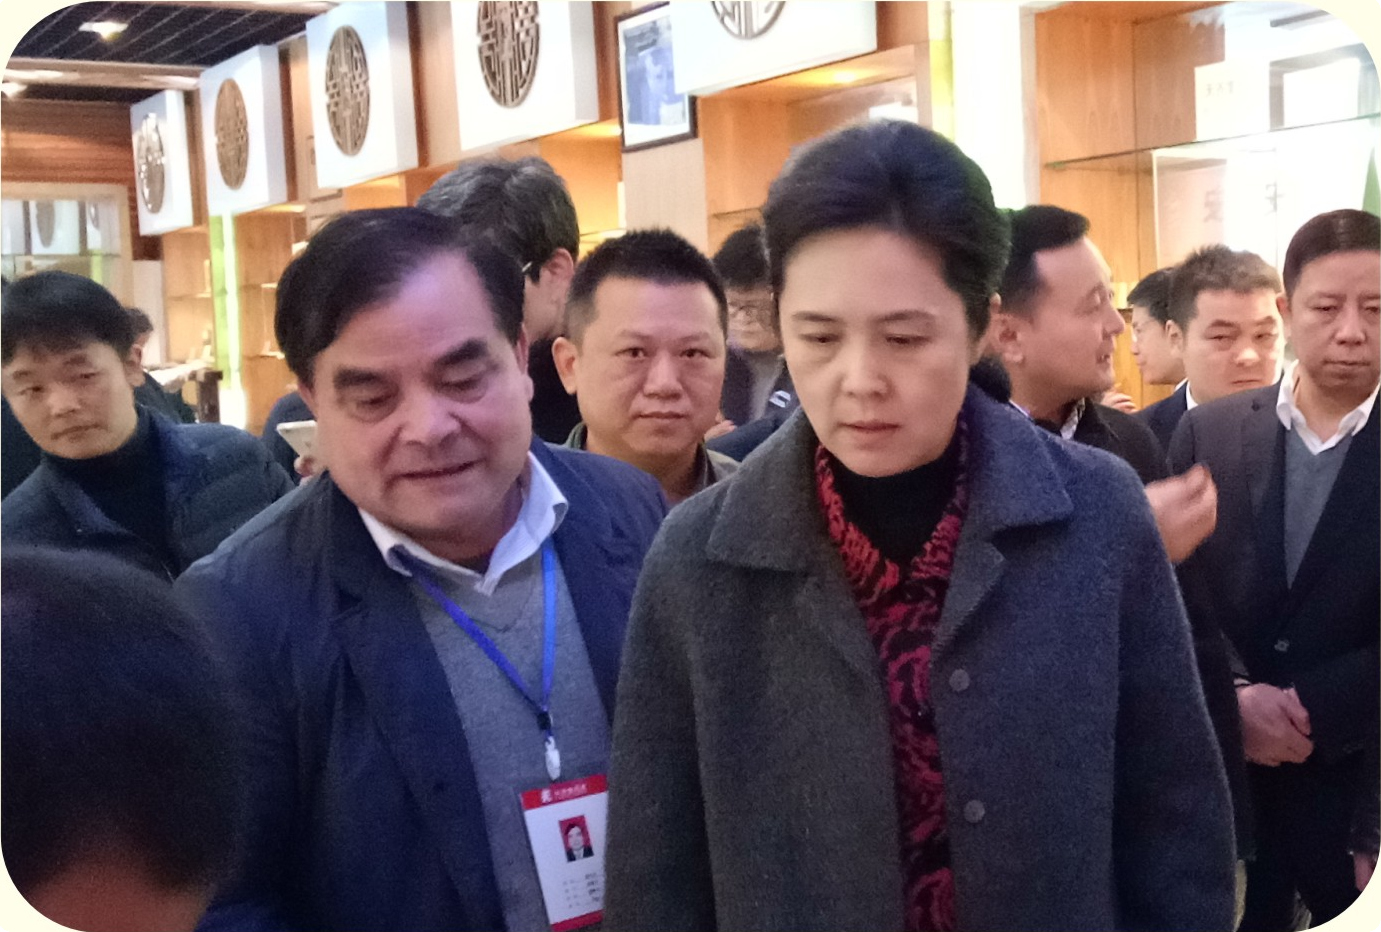 江西省副省长谢茹到公司调研指导与董事长袁小平交谈-官网